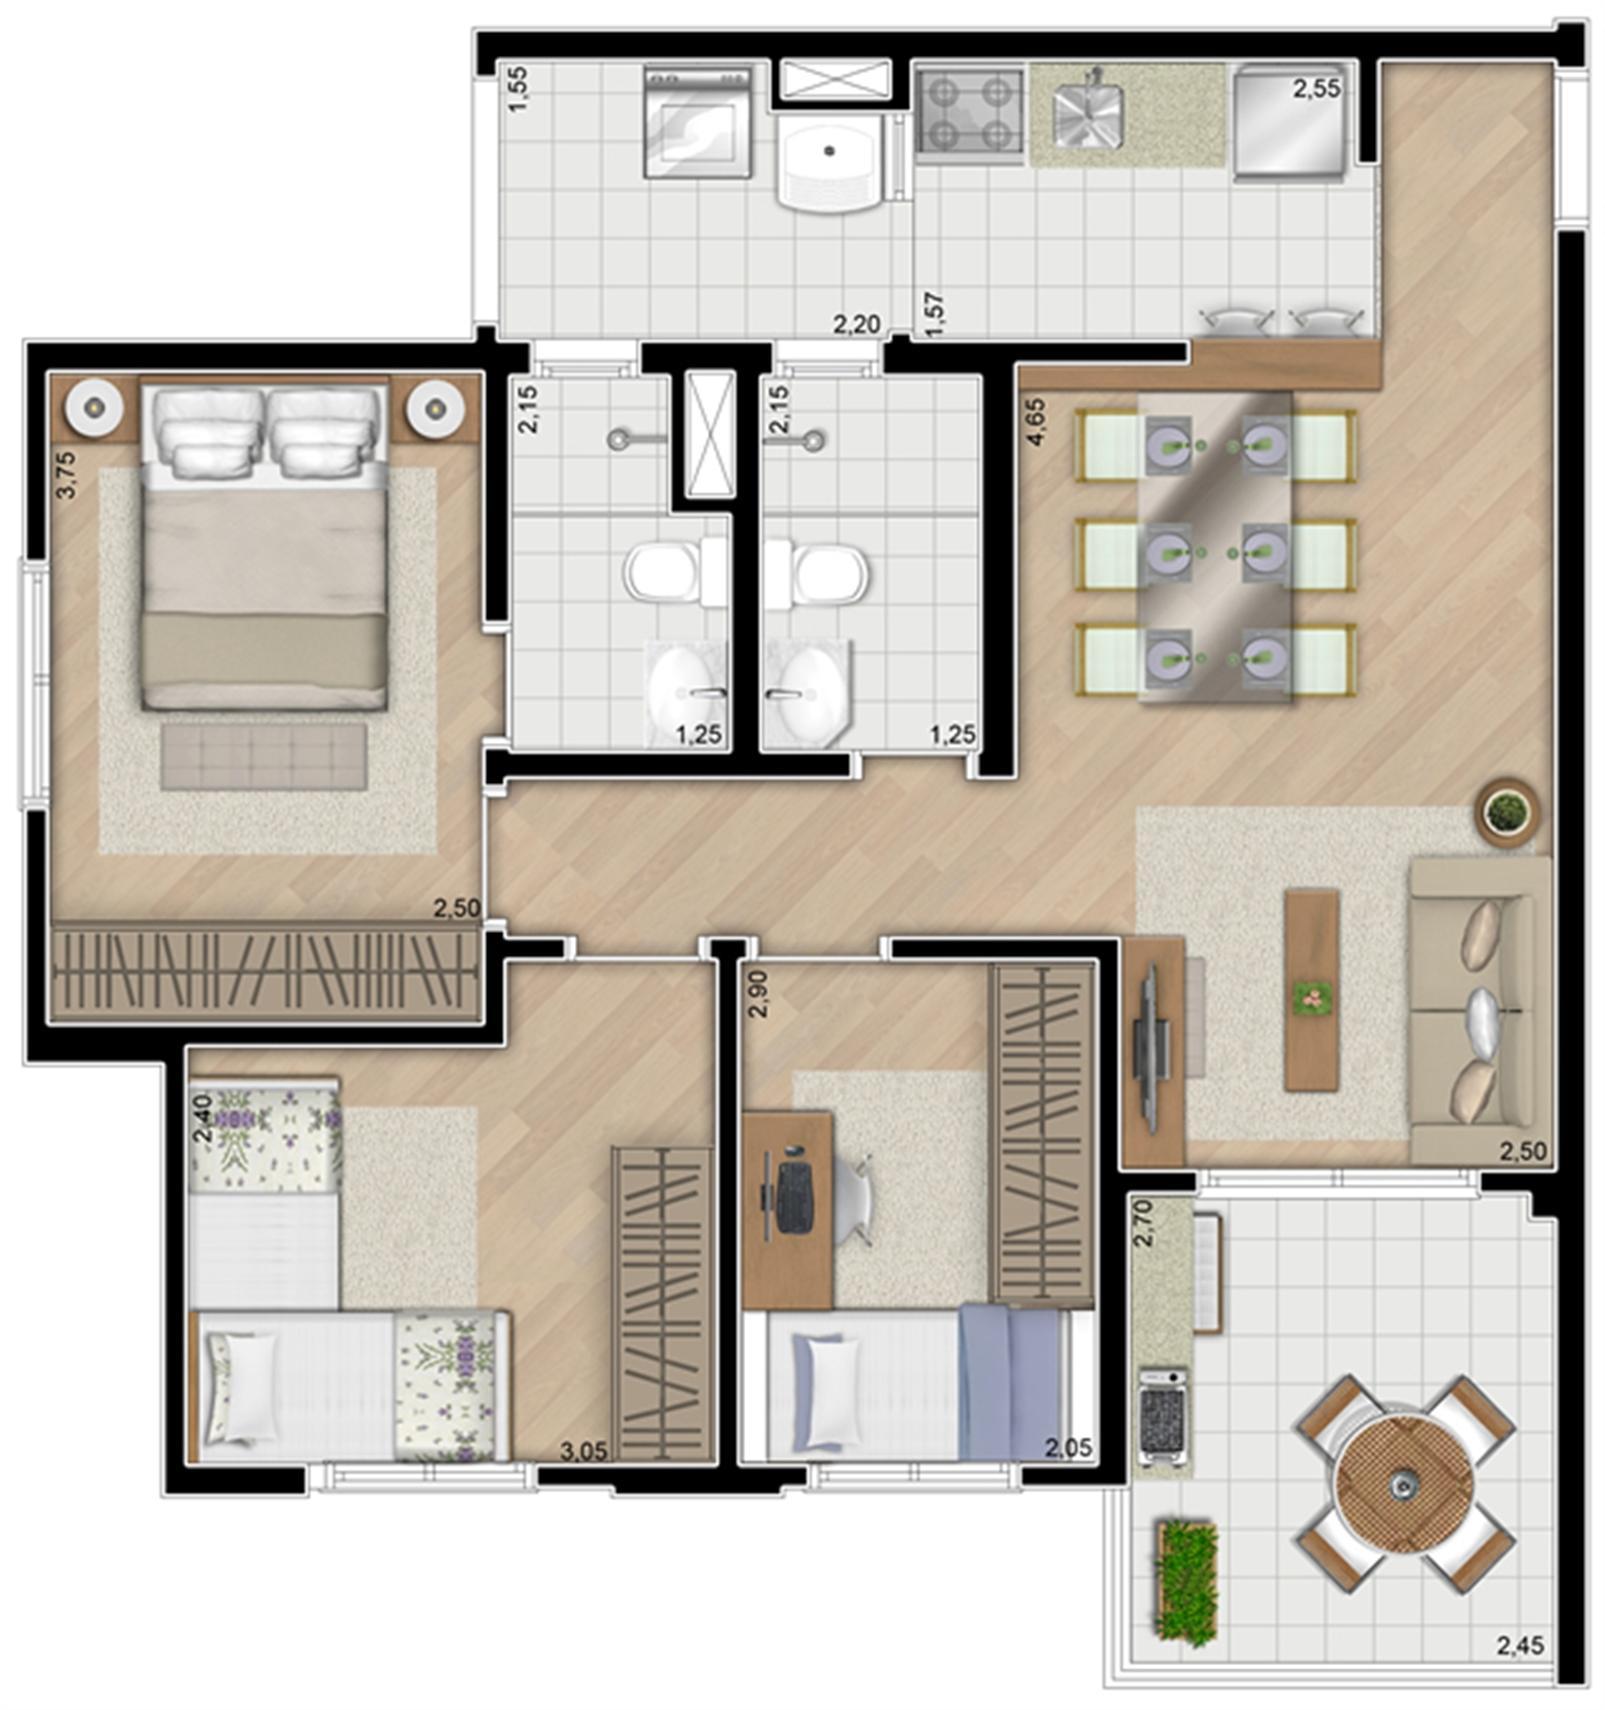 Torre Orquídea. Planta - Tipo do apartamento de 71 m² privativos, 3 dormitórios (1 suíte) | Alameda Cotegipe – Apartamentono  Belém - São Paulo - São Paulo